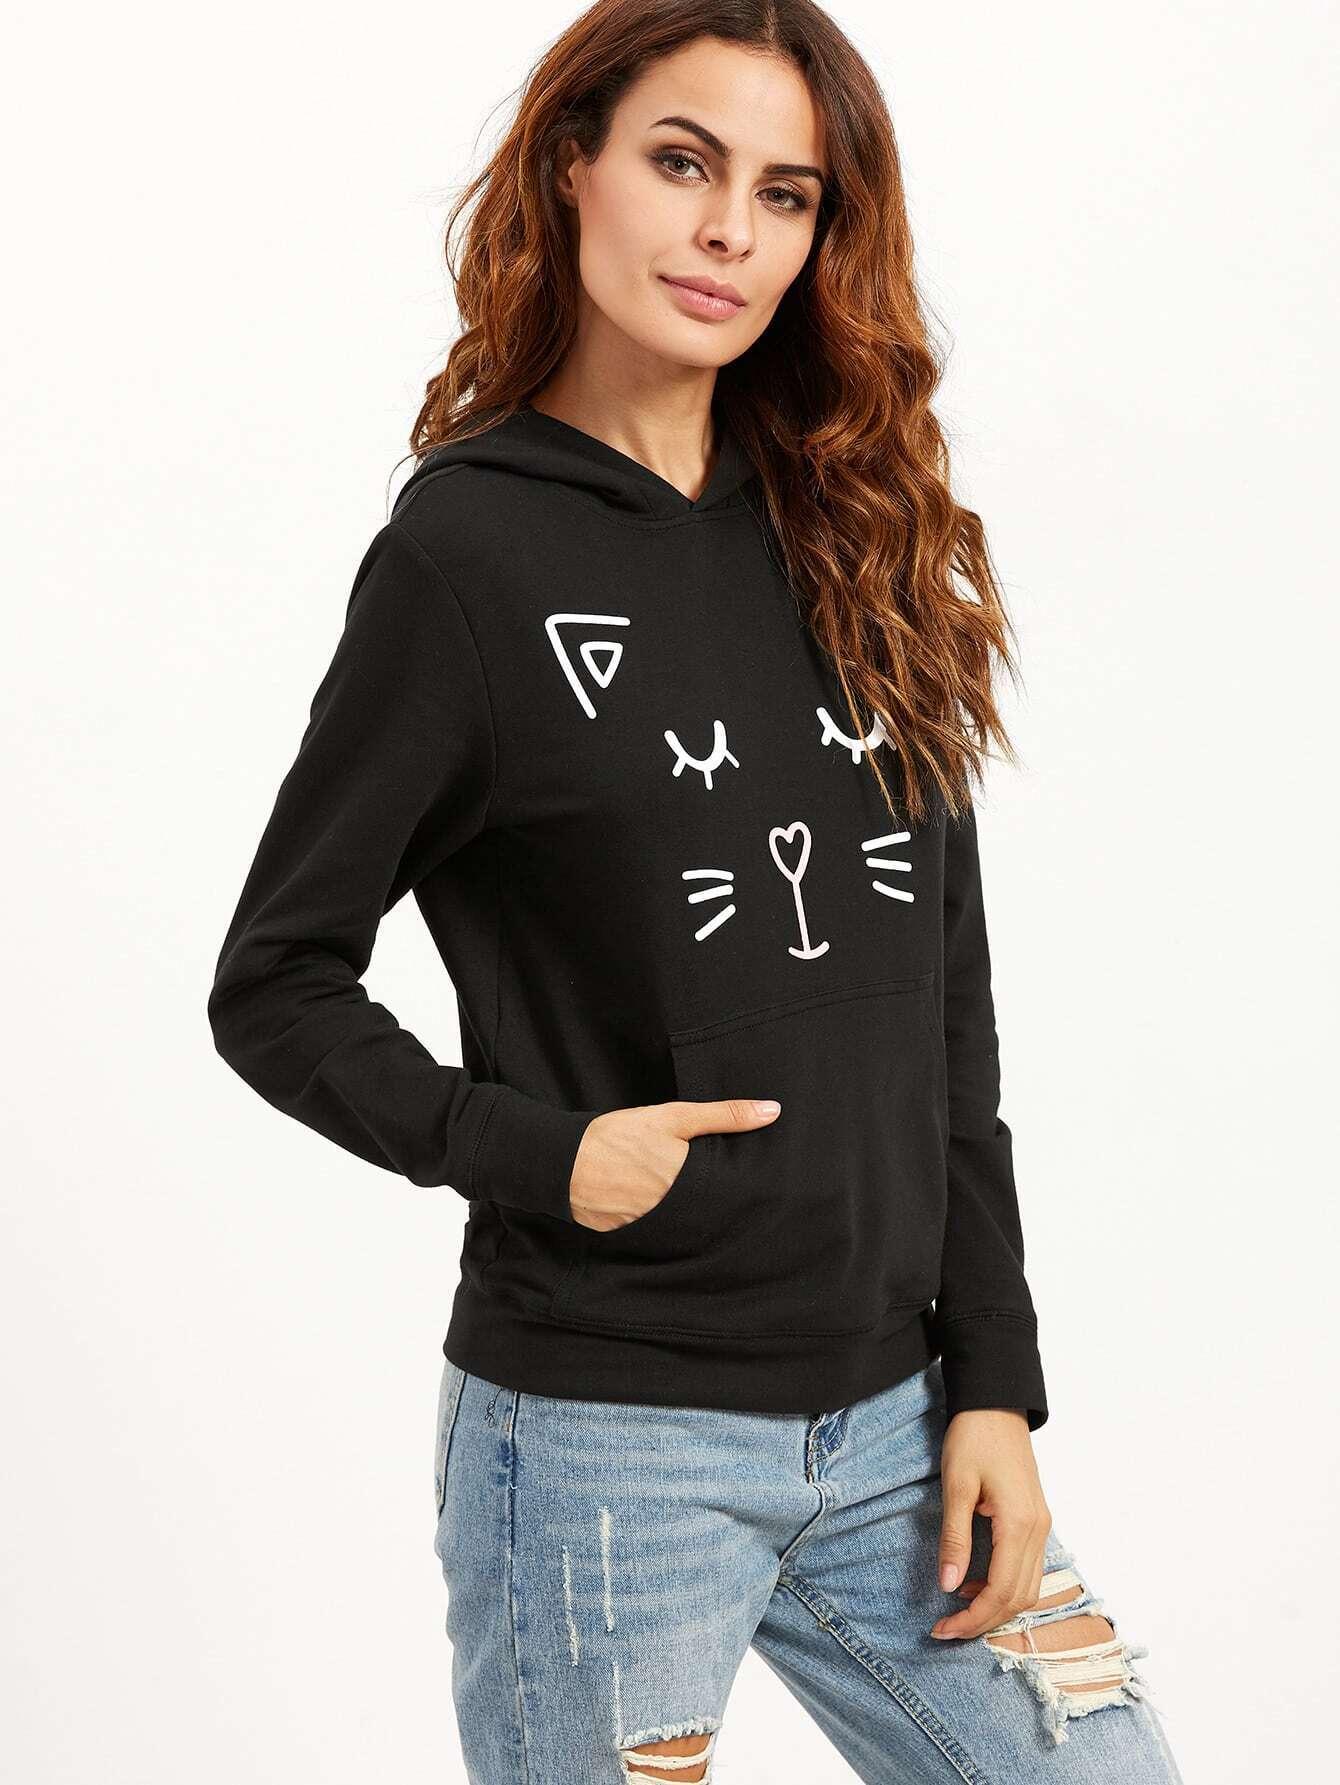 sweatshirt160905702_2